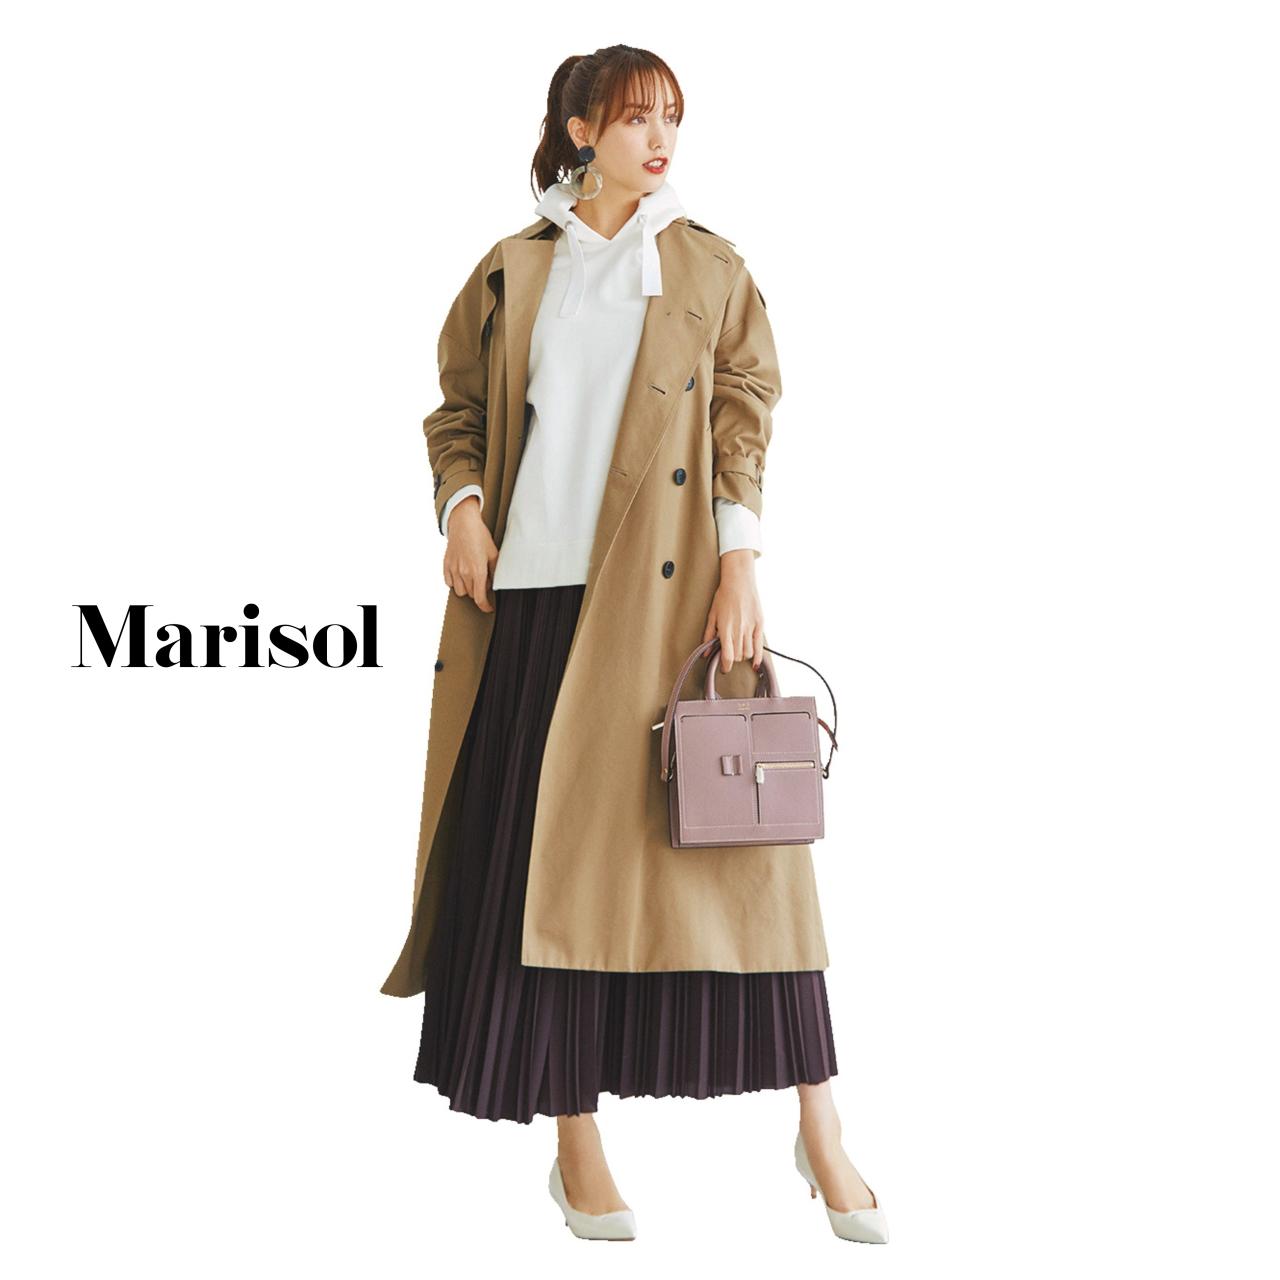 40代ファッション フーディ×プリーツスカート×トレンチコートコーデ